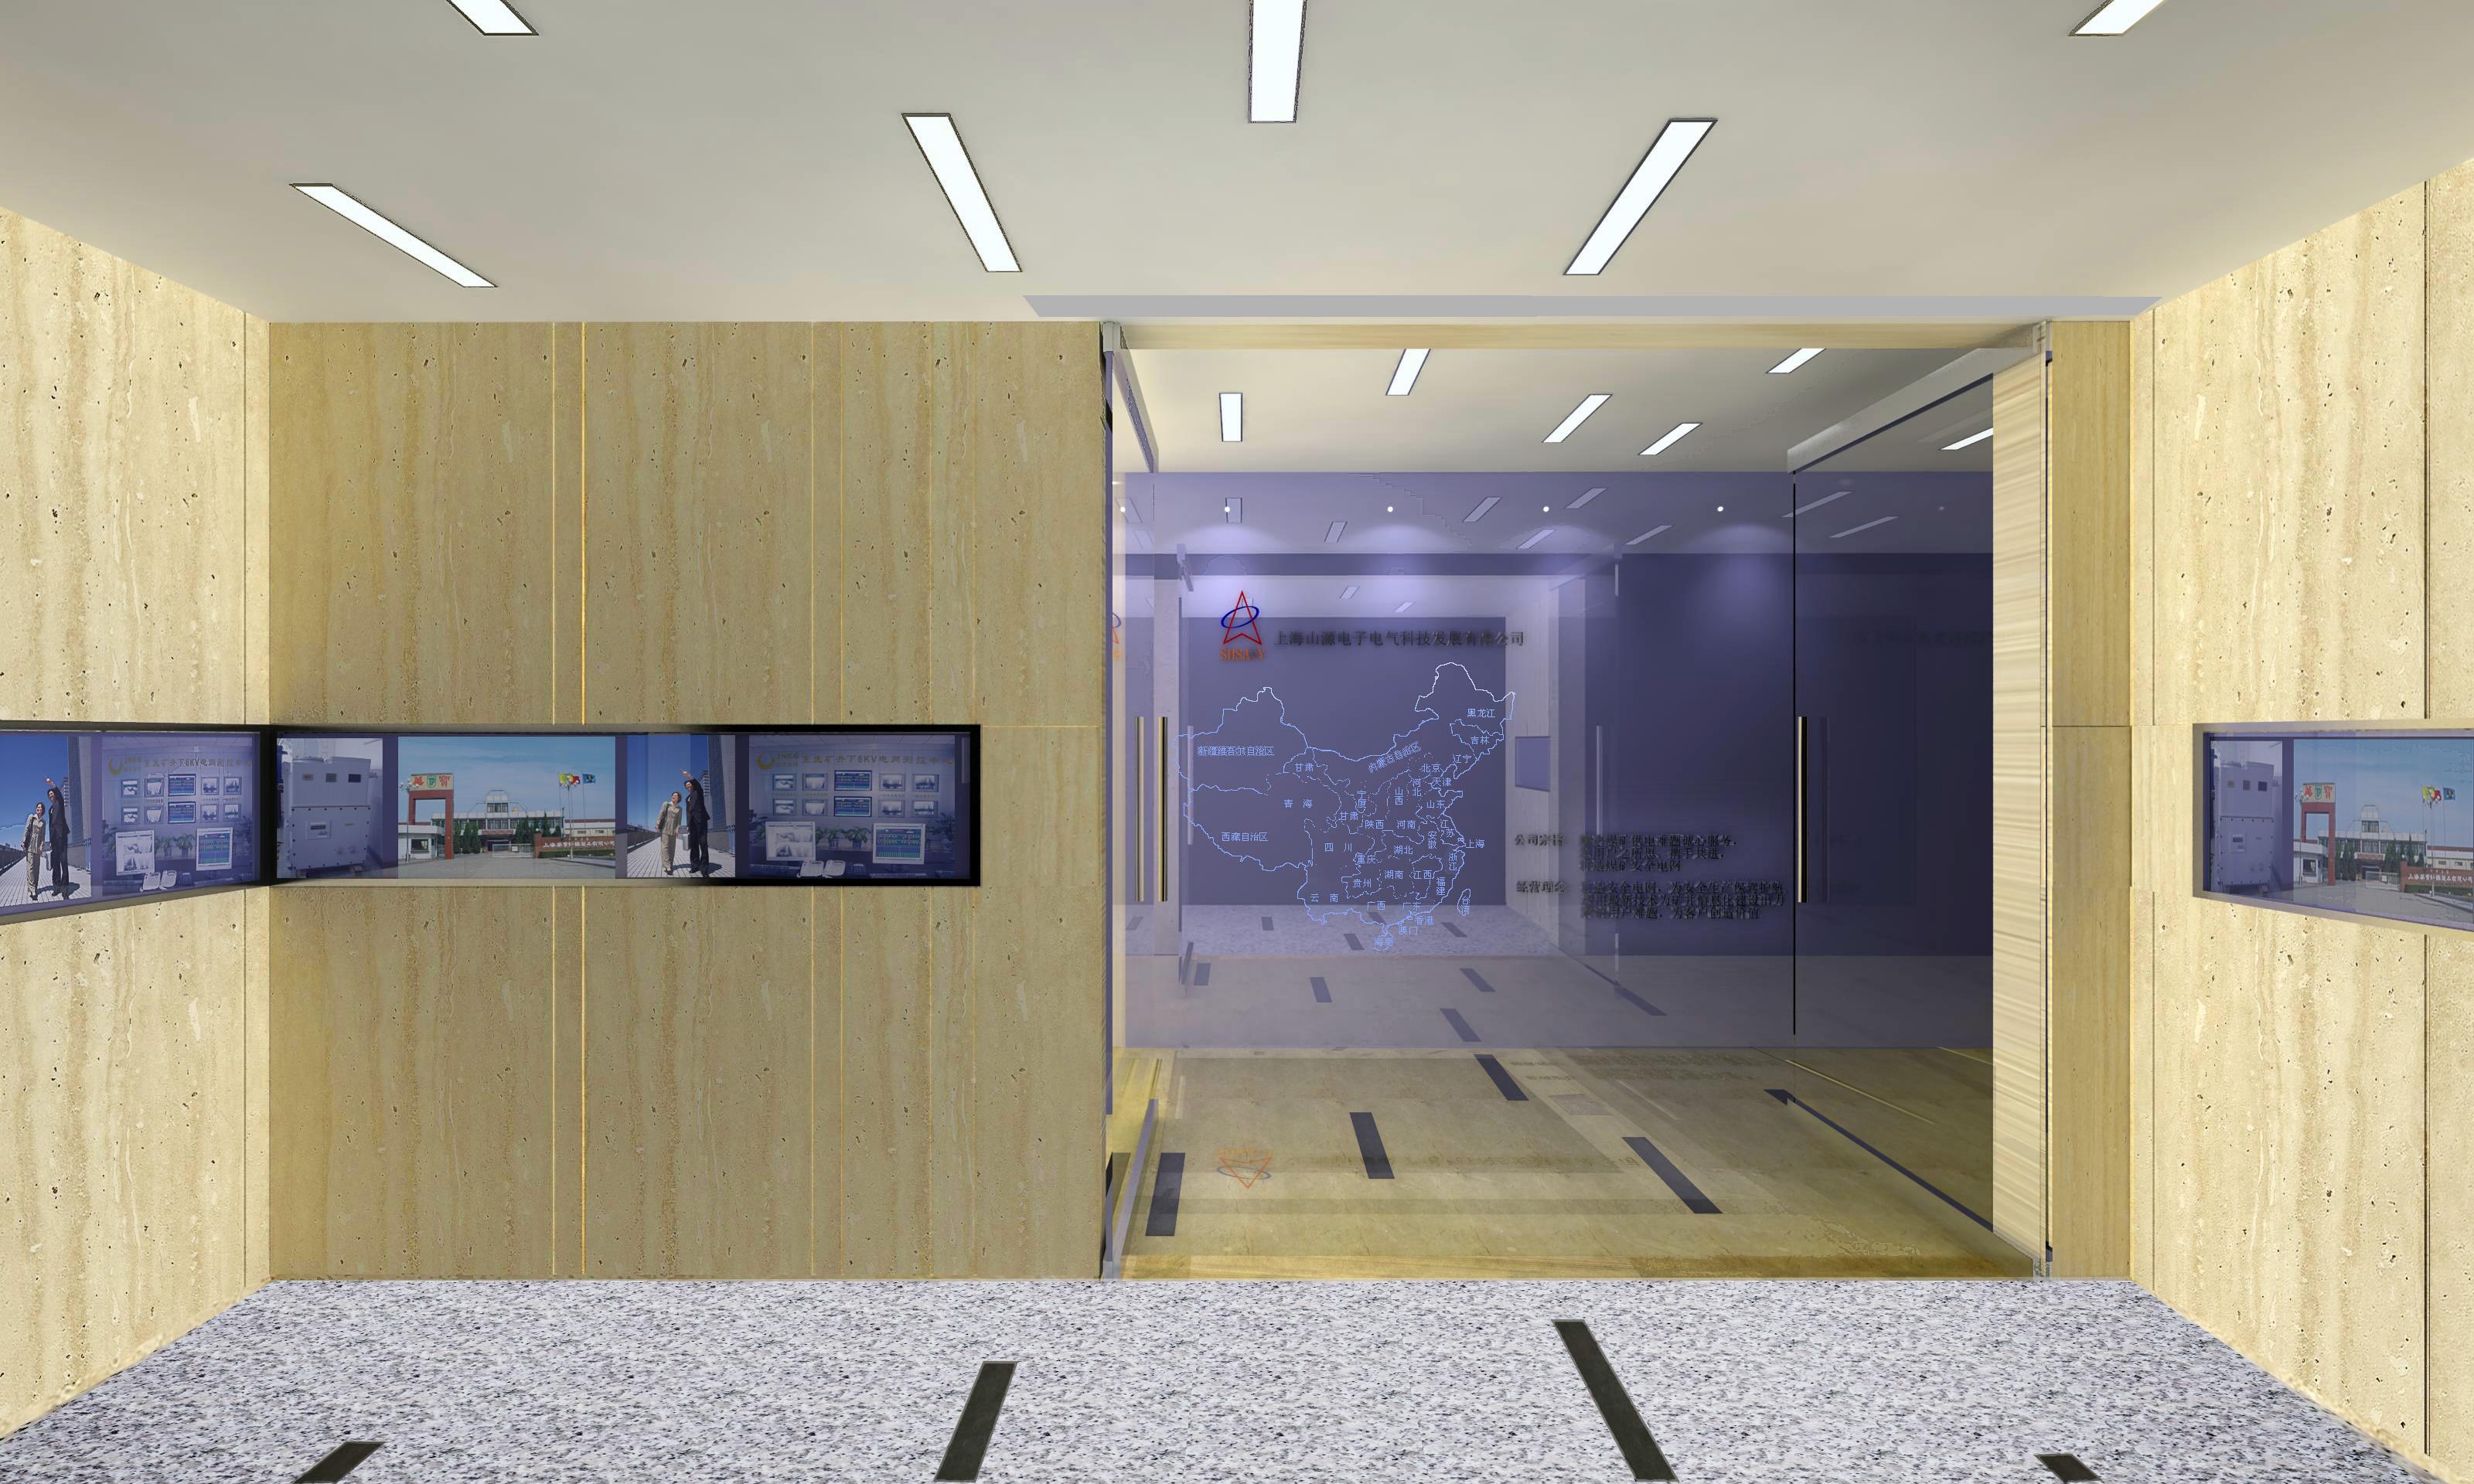 公司门厅装修效果图设计